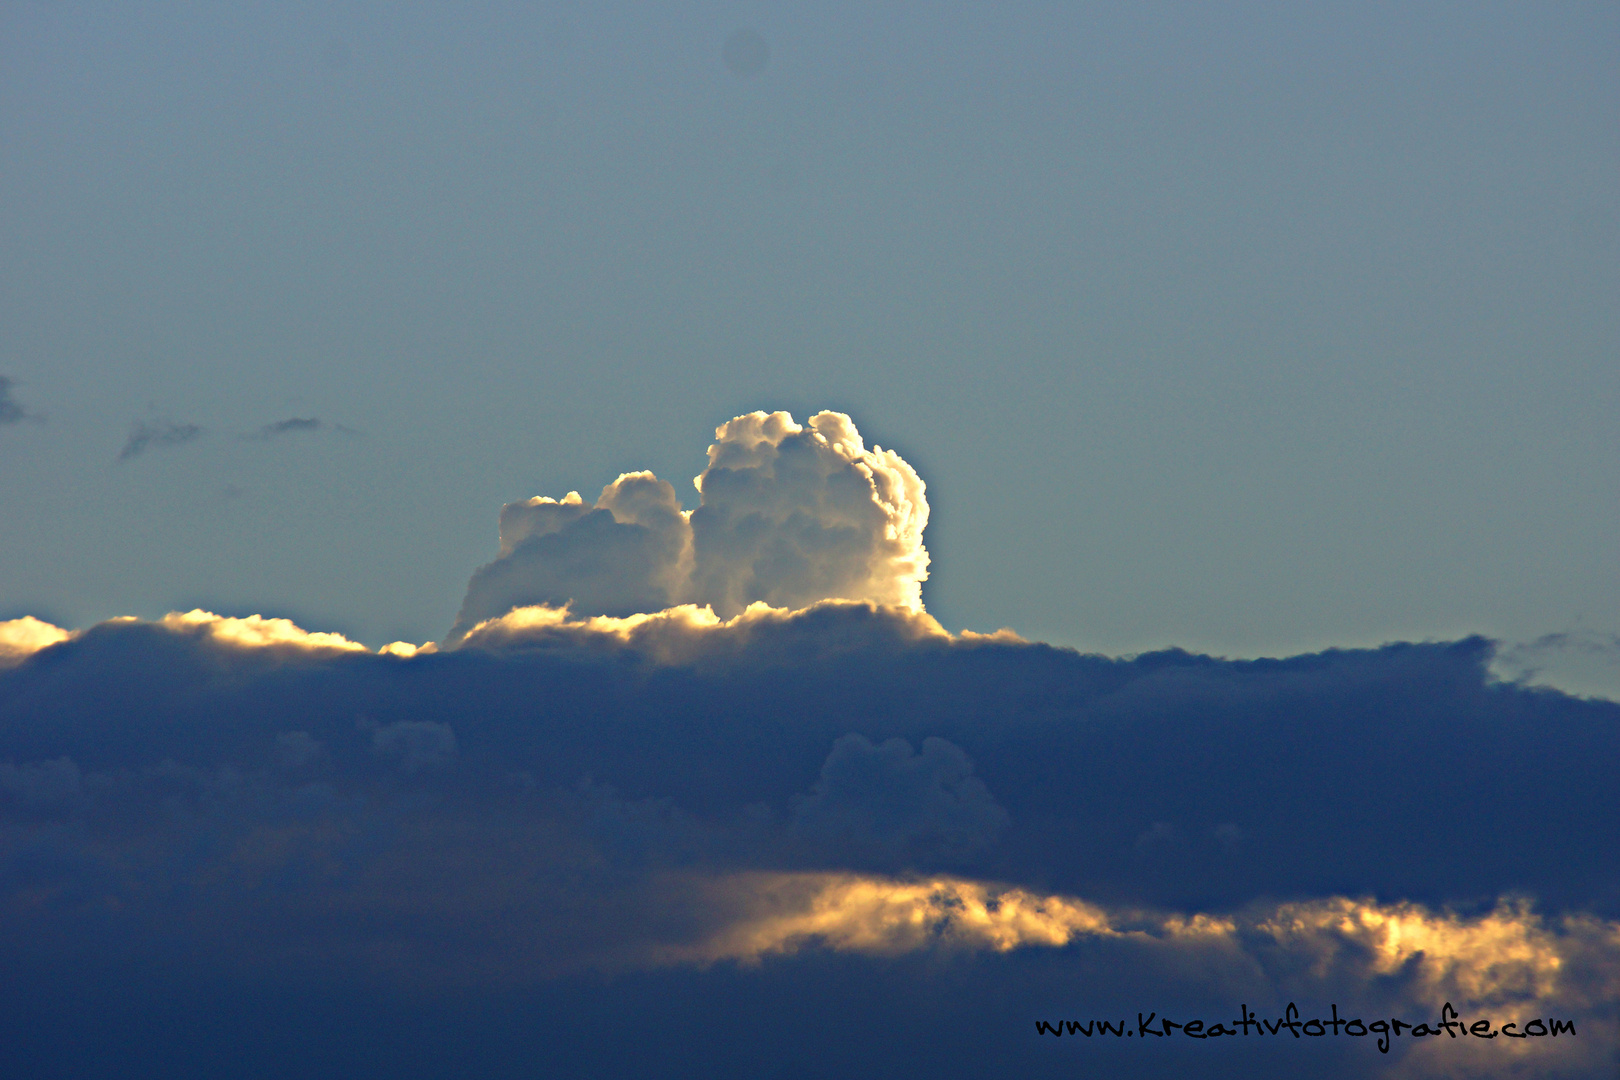 Wer kuckt denn da über die Wolken ?